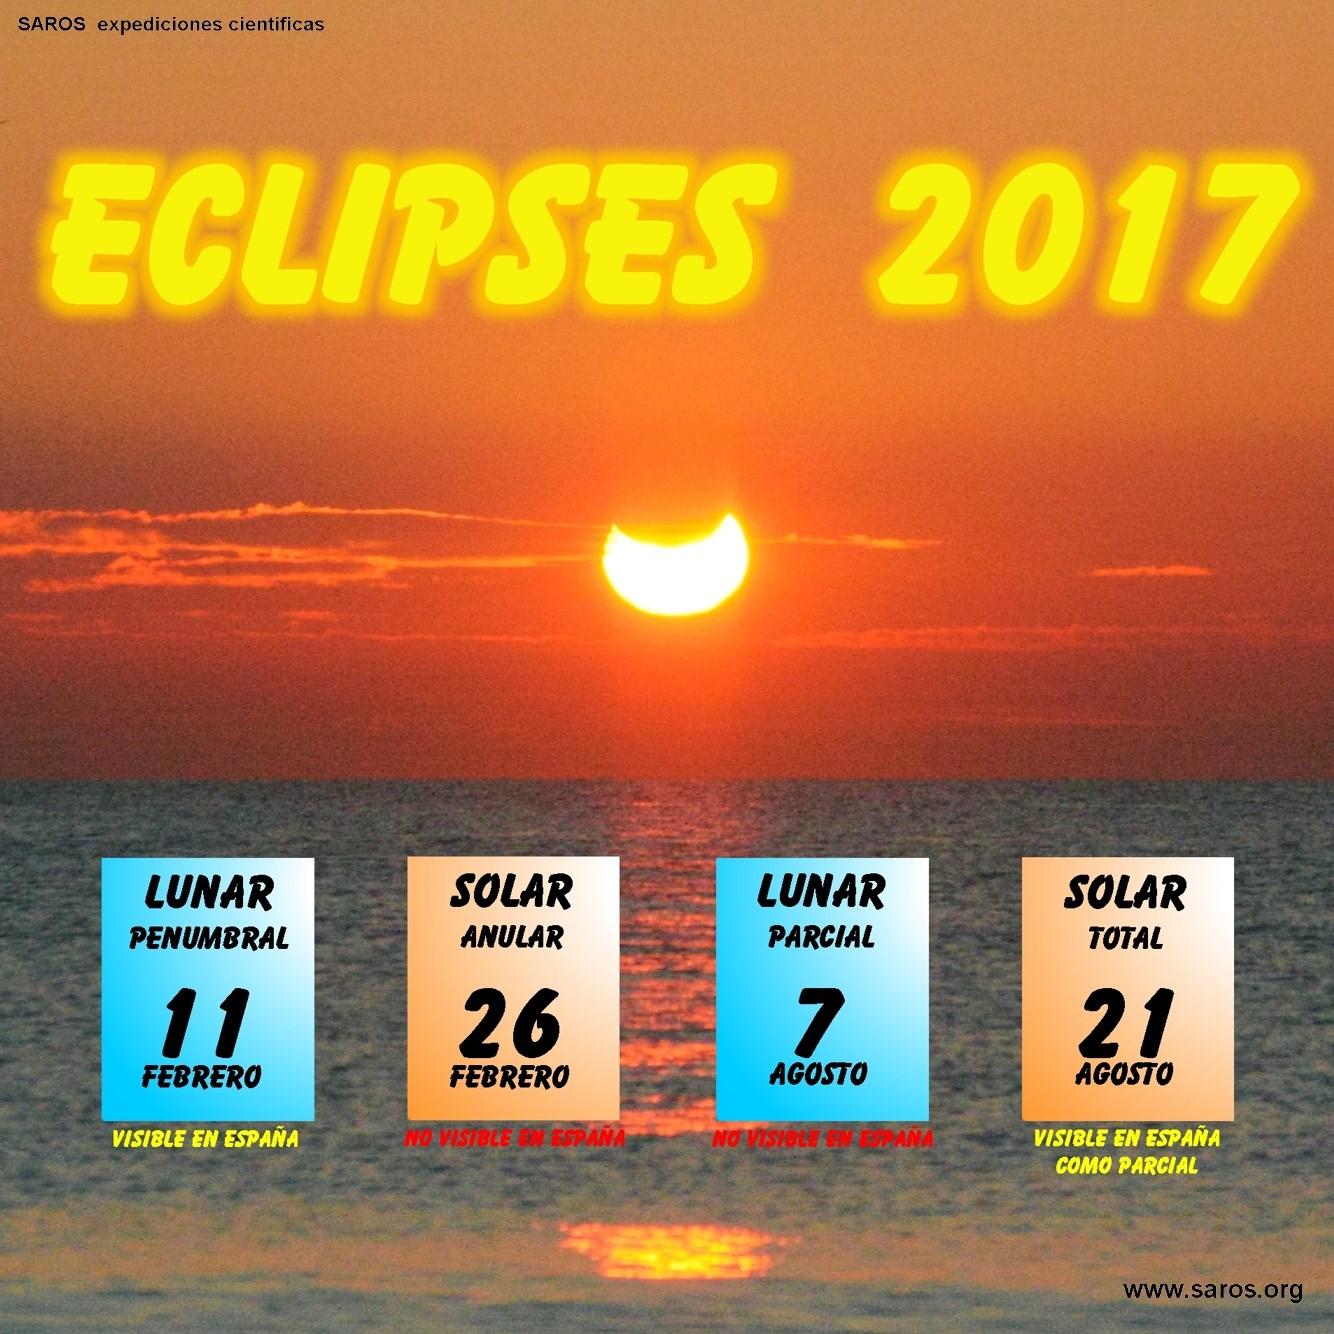 eclipses de Sol y Luna OSAE eclipses en Salamanca y Espaa